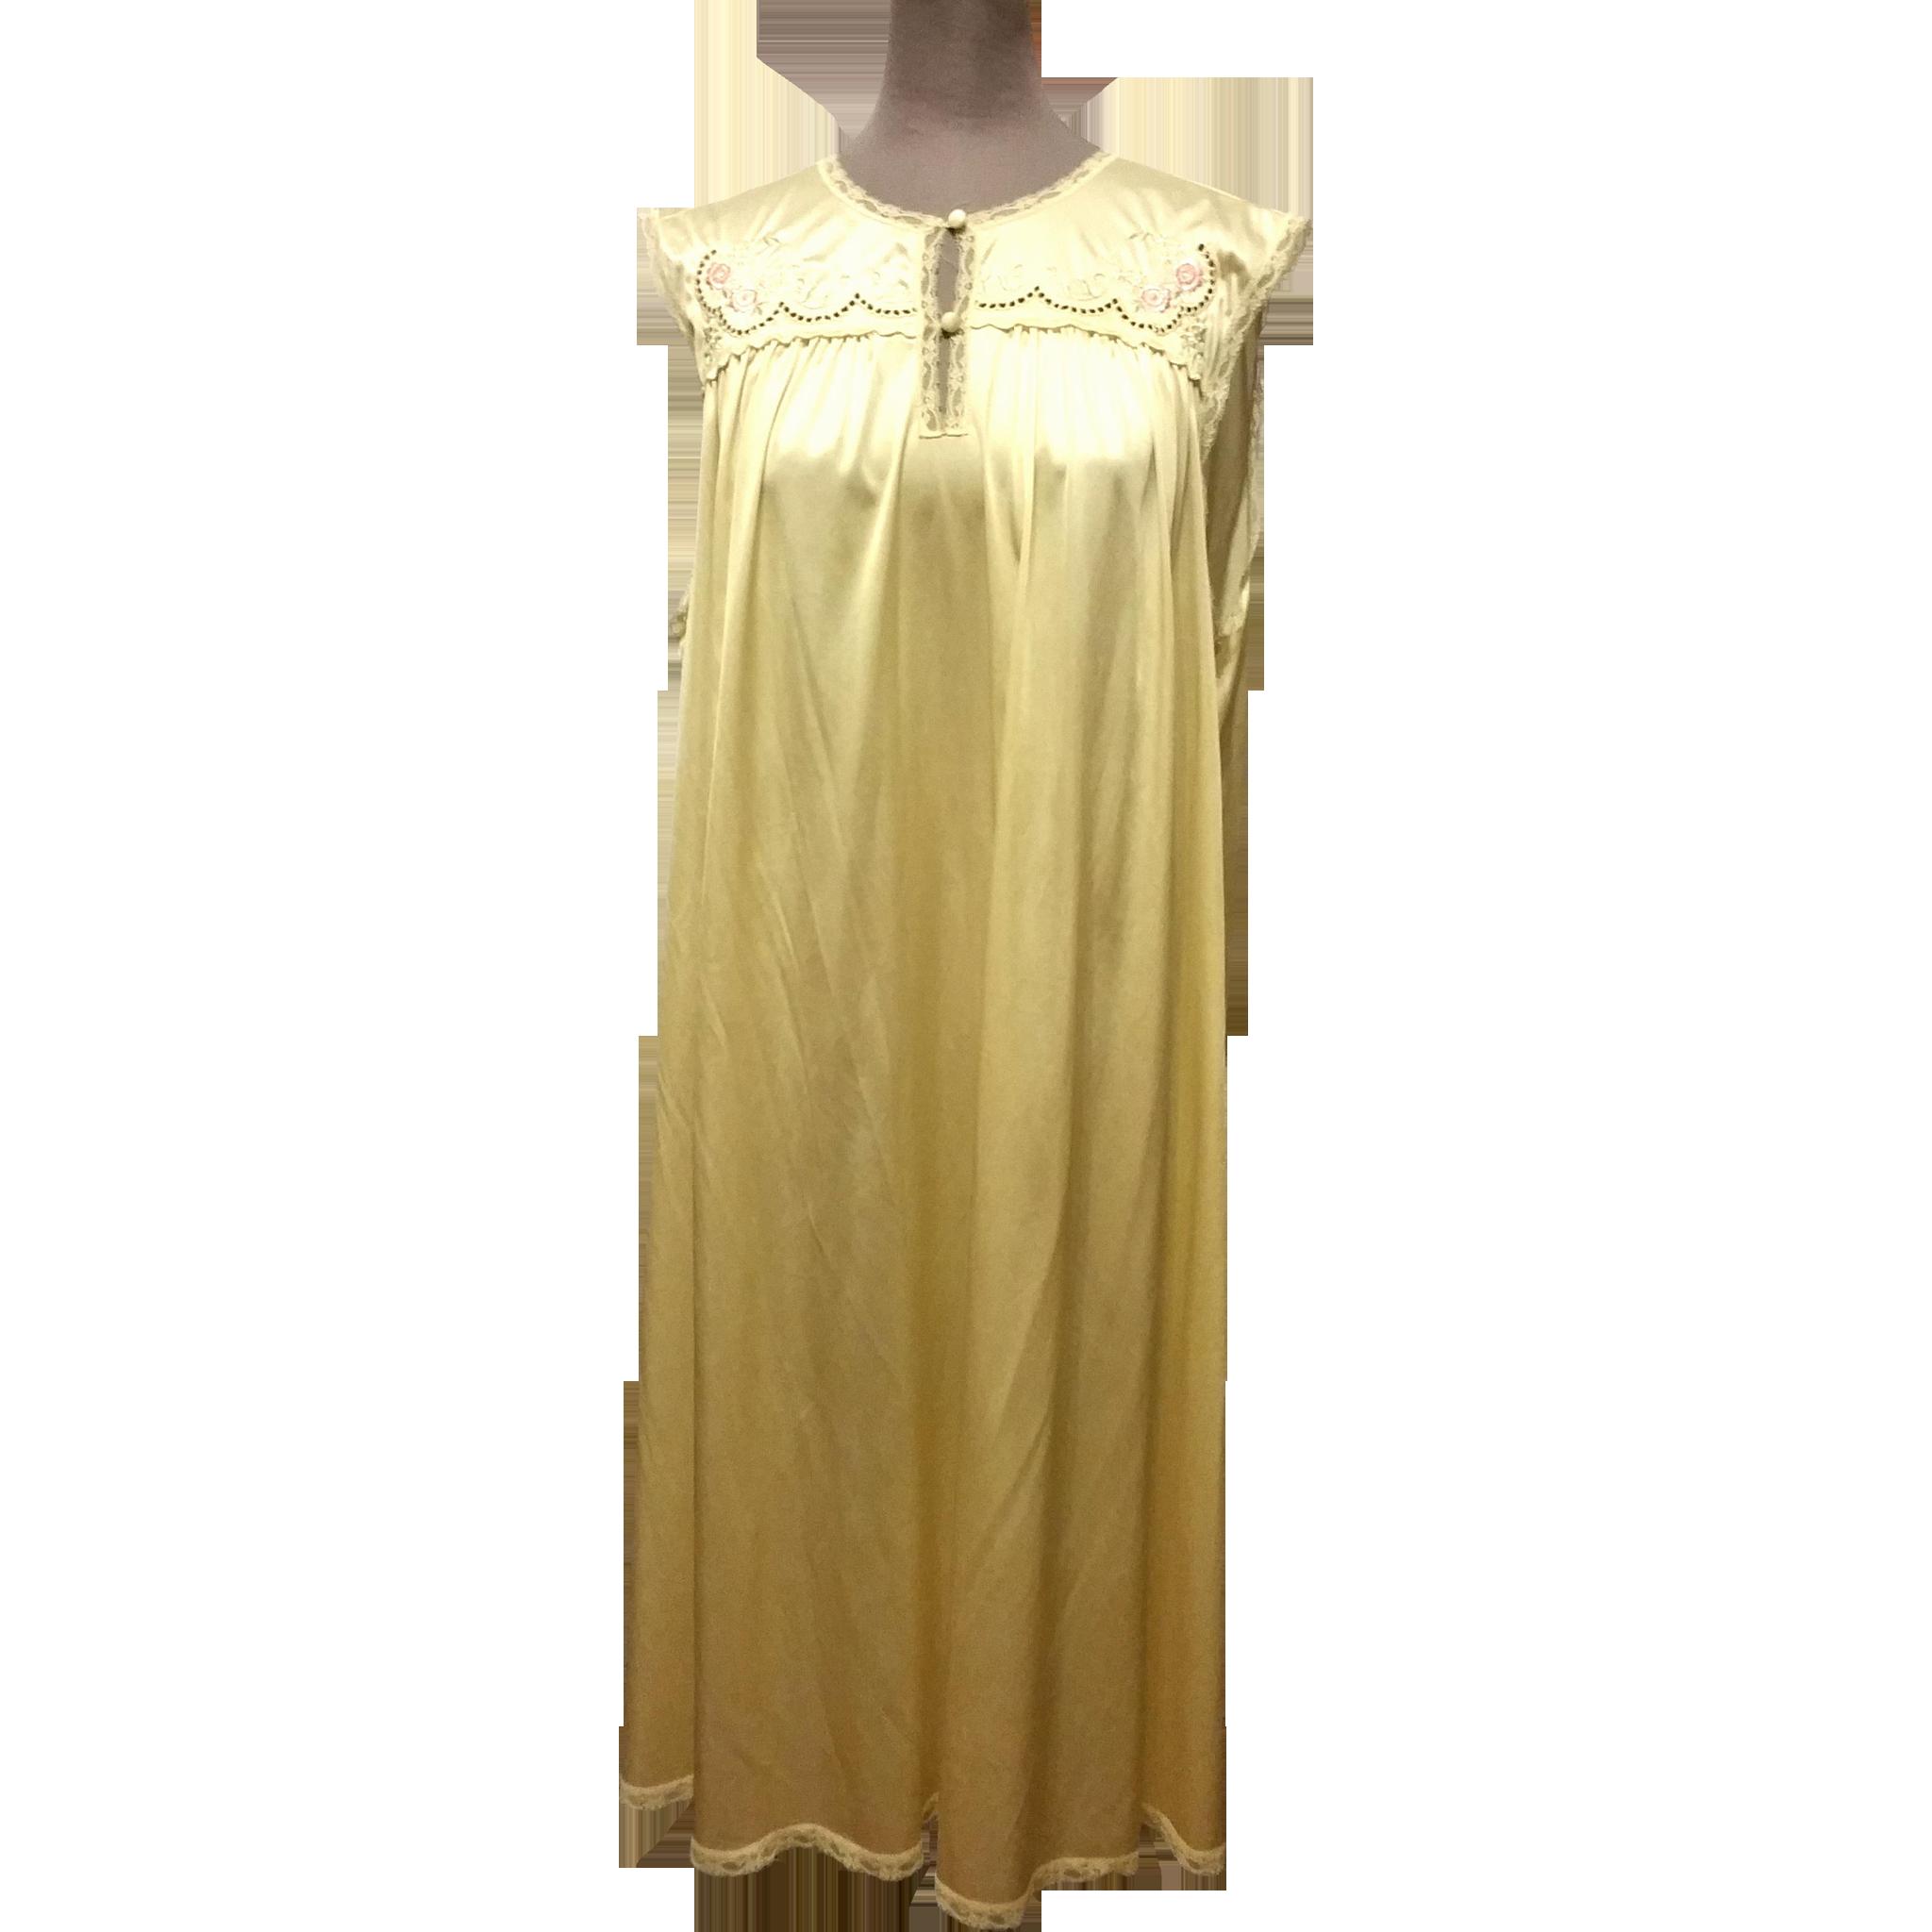 Vintage Vanity Fair Nightgown 60